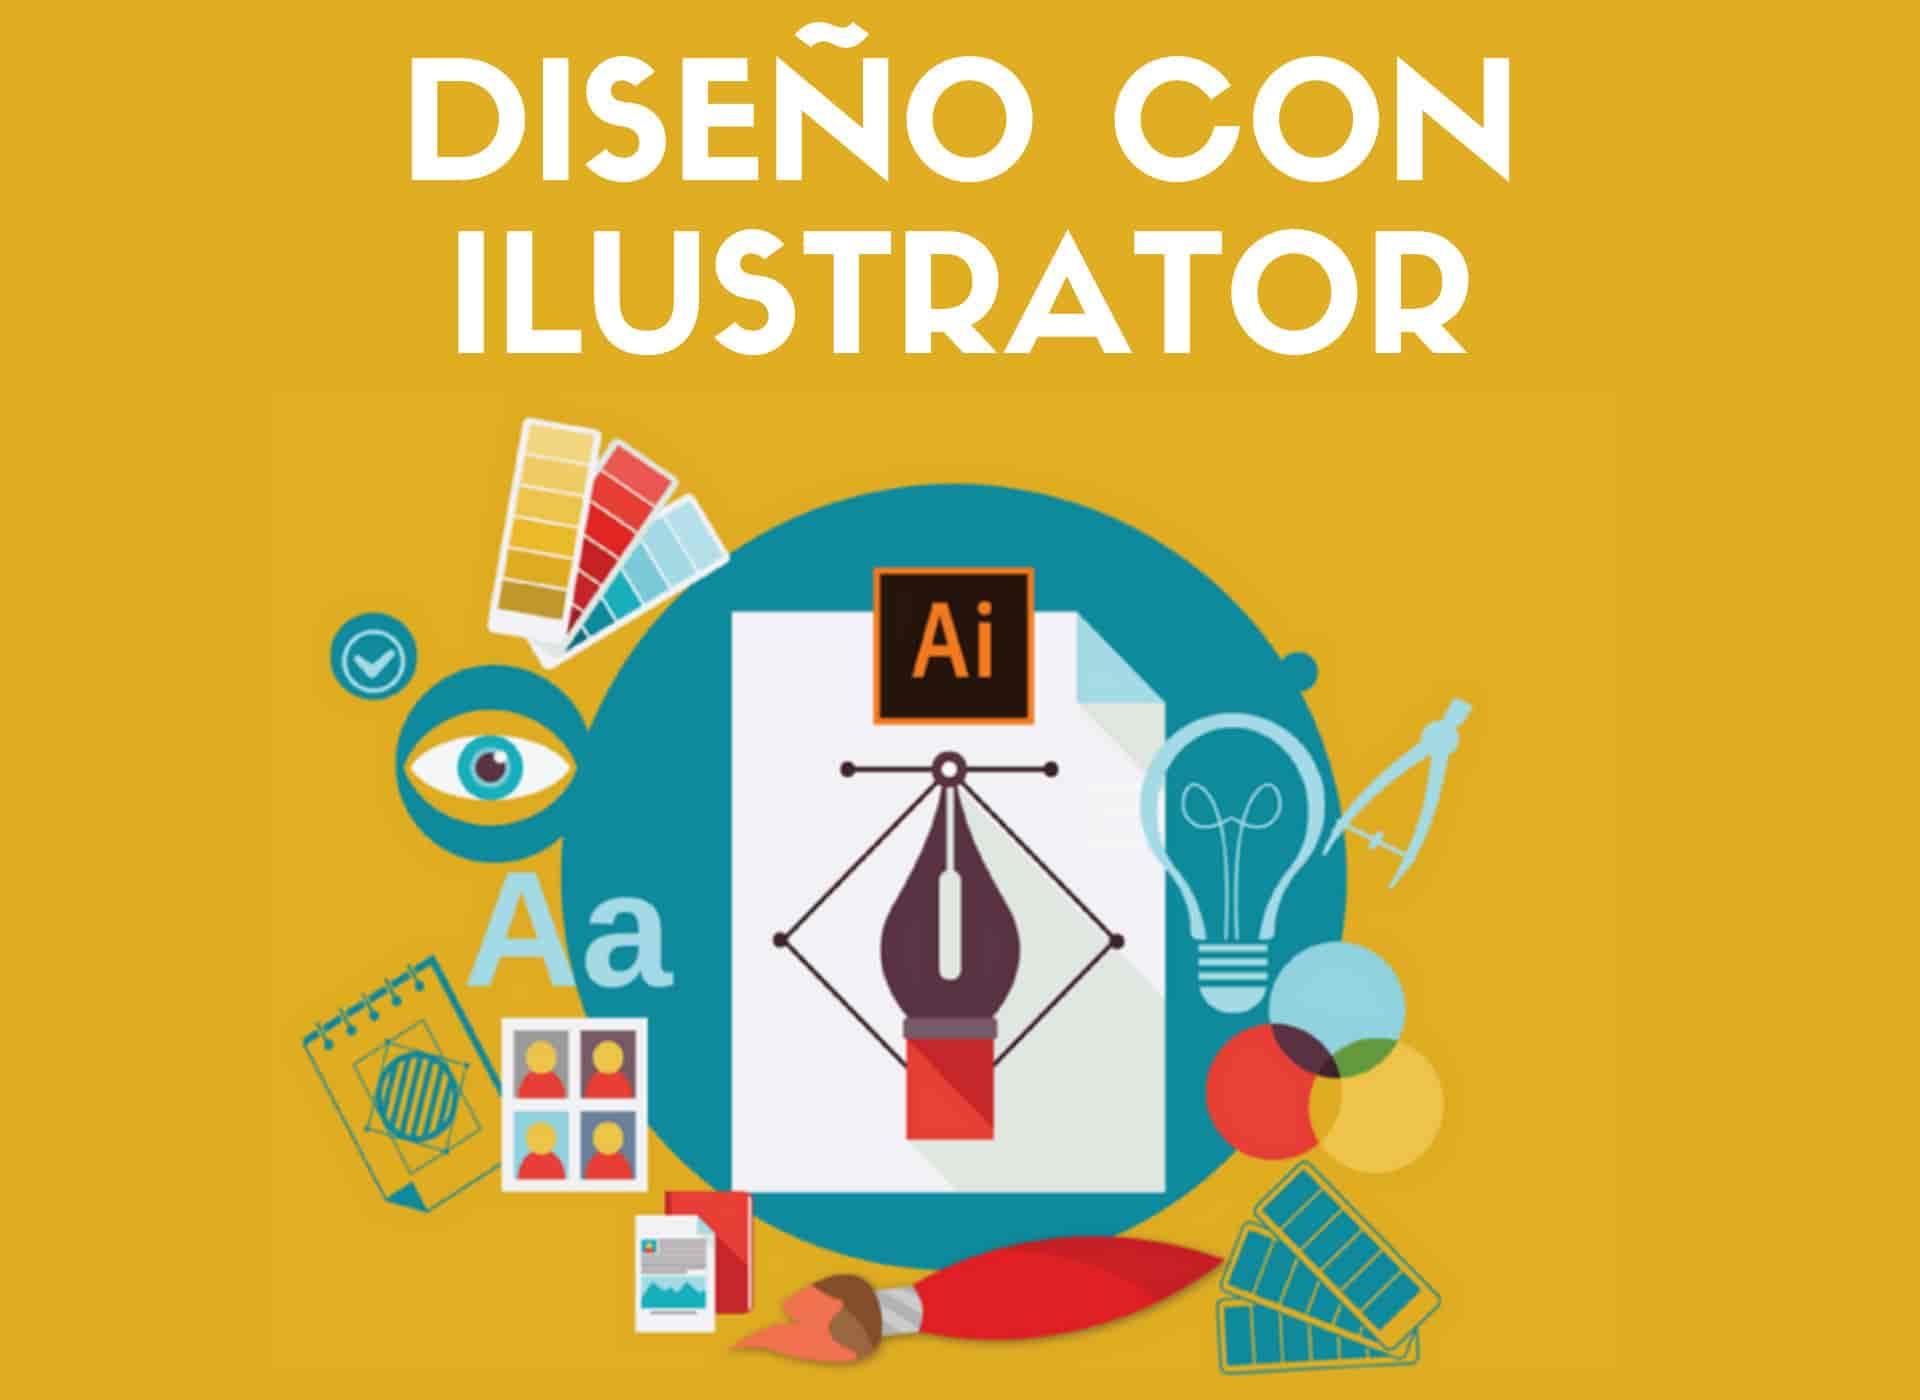 Curso Diseño gráfico con Ilustrator